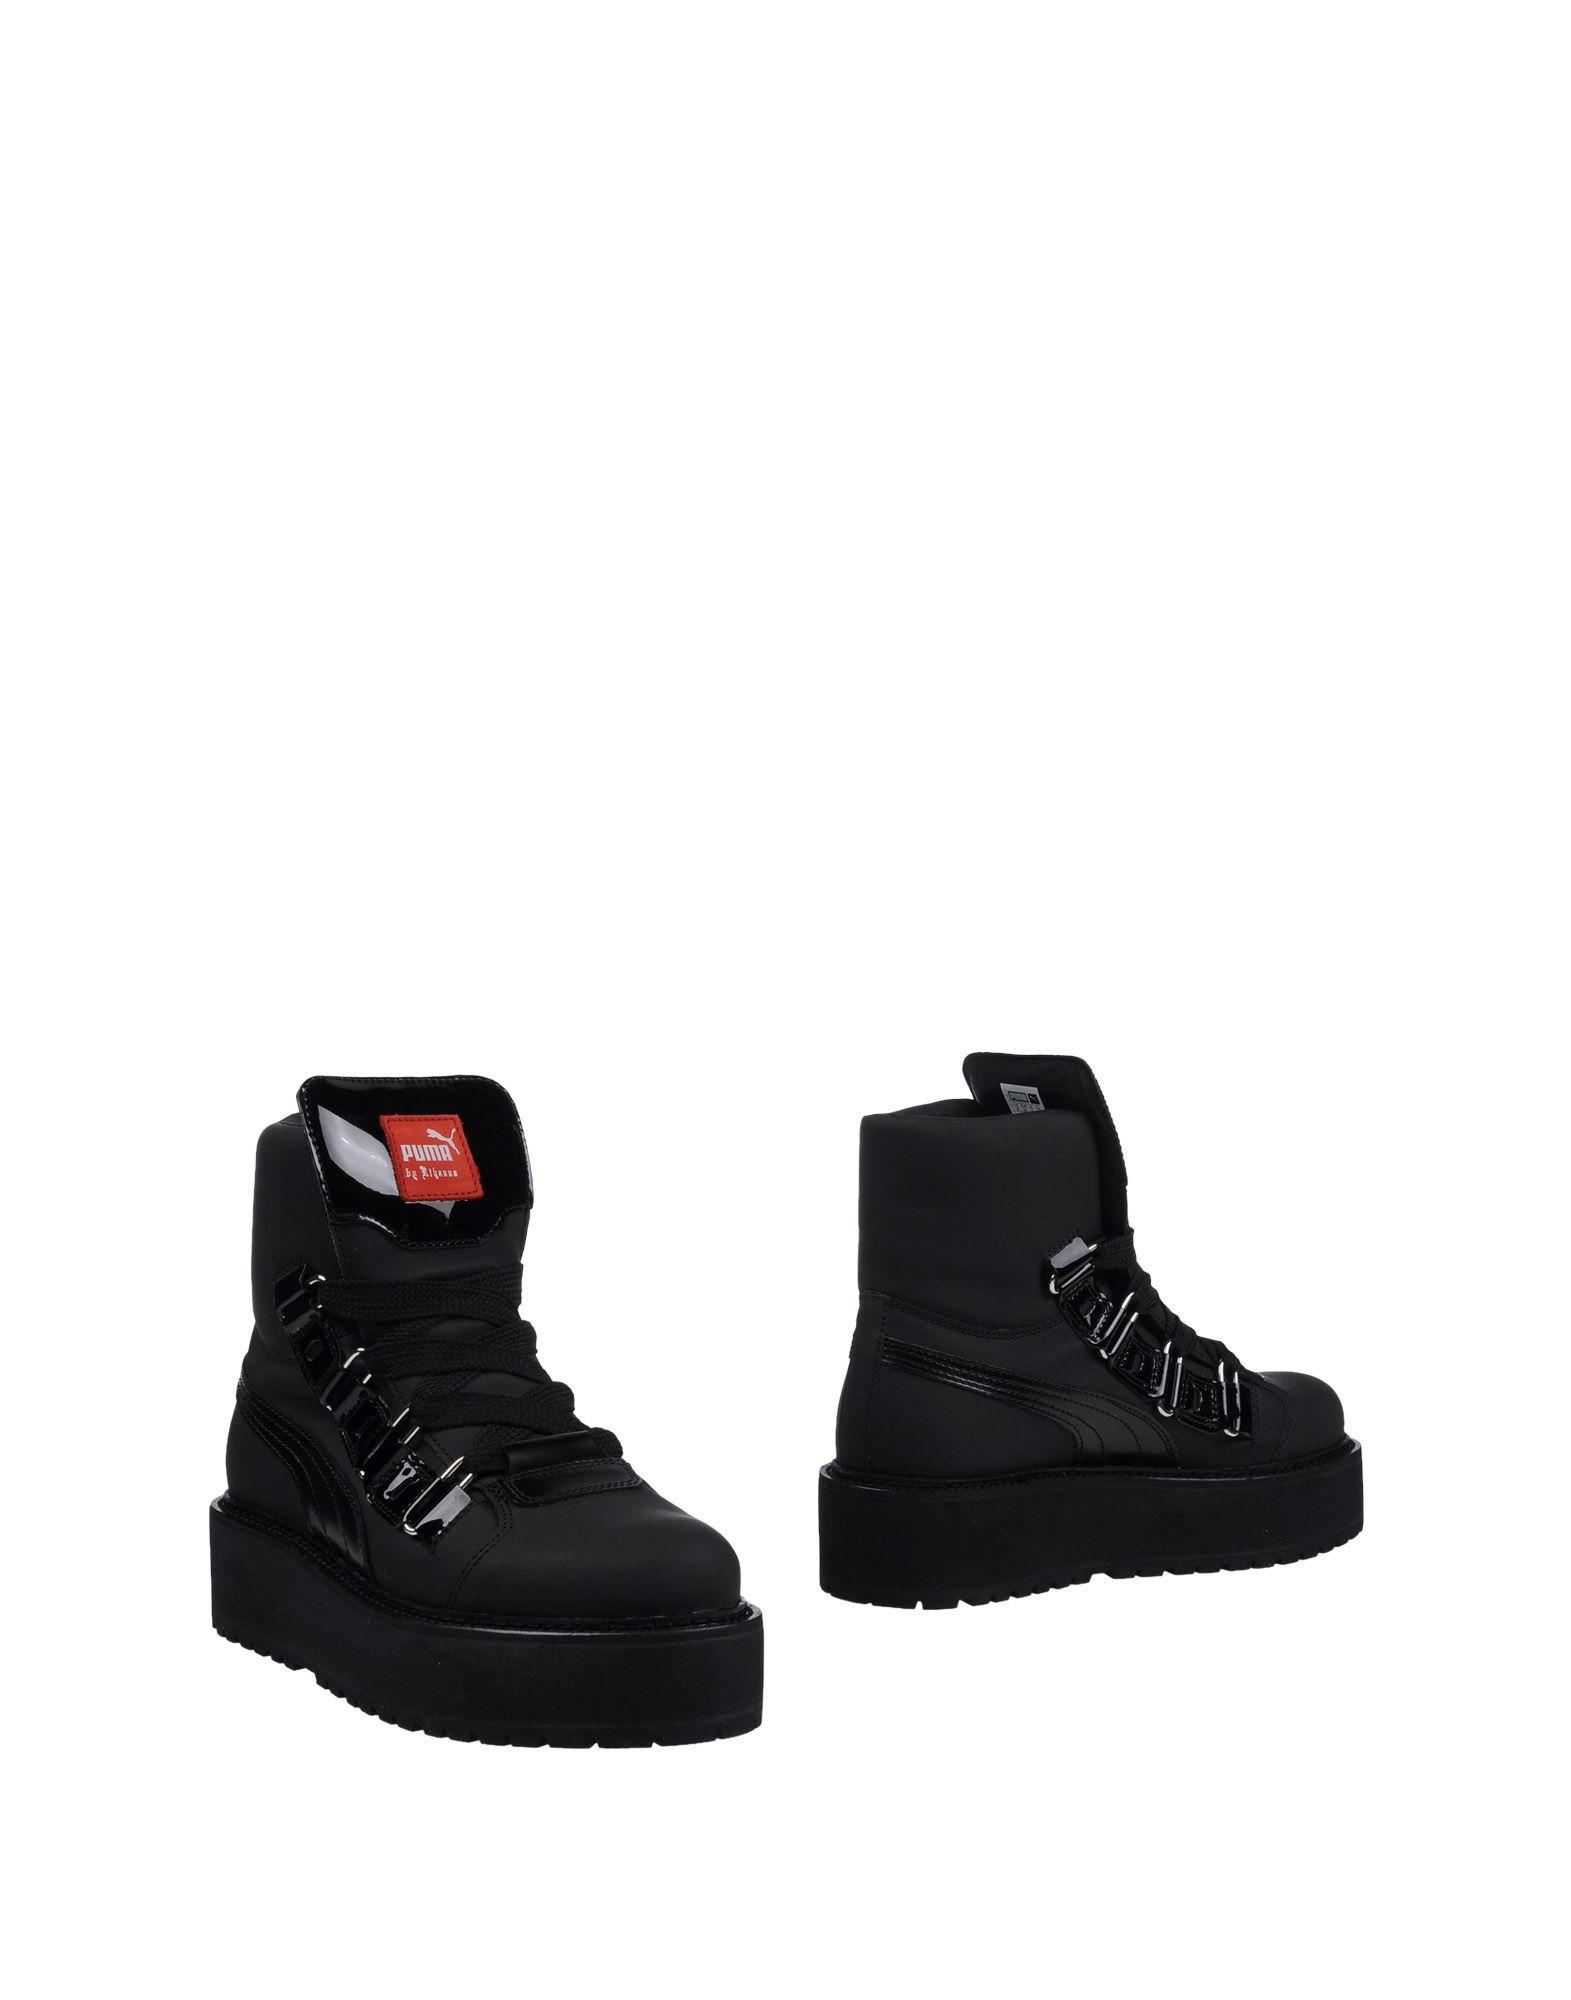 free shipping 61f44 578d7 FENTY PUMA by RIHANNA Ankle boot - Footwear | YOOX.COM